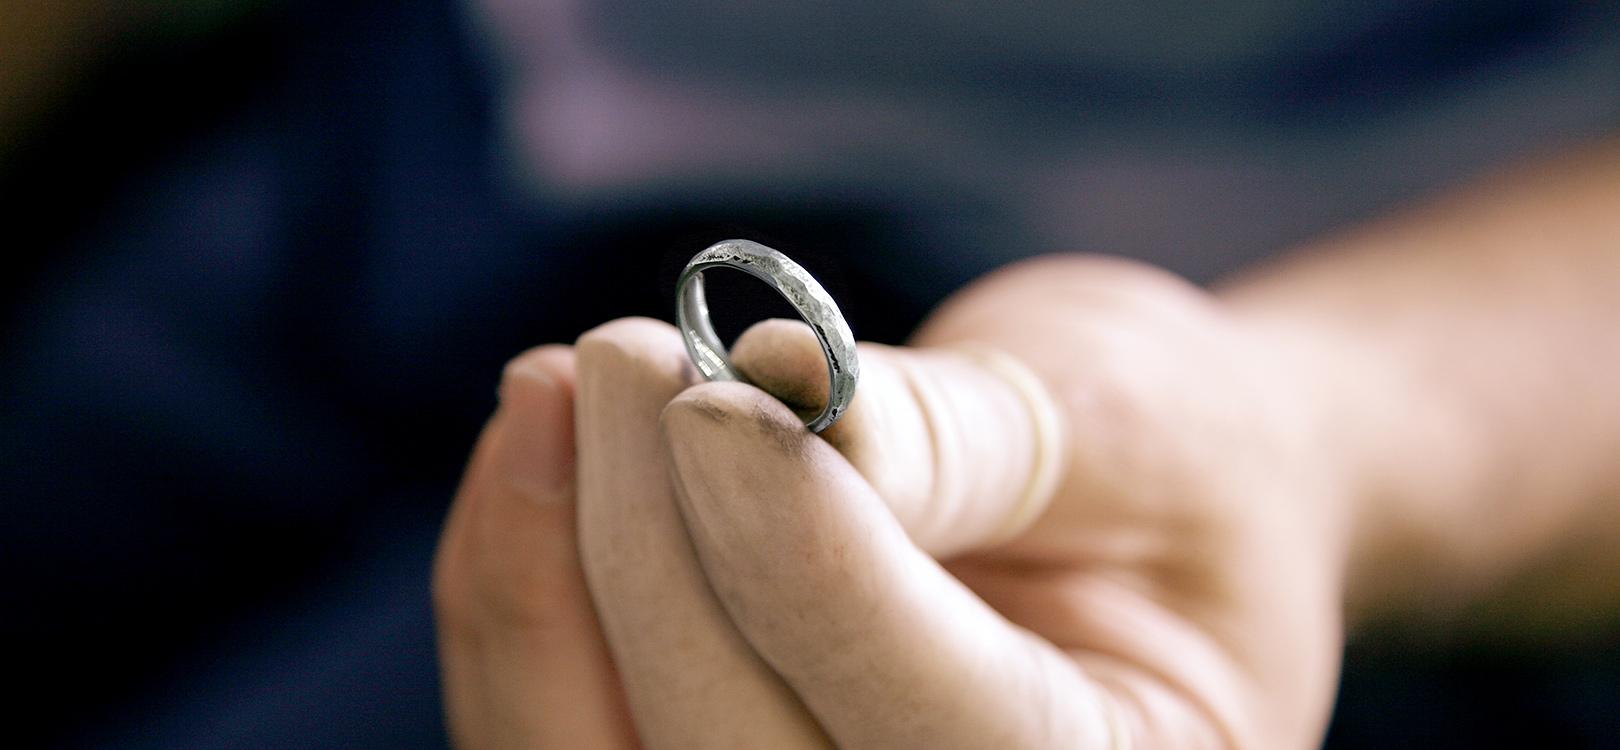 仕上げた結婚指輪を持っている職人の手元